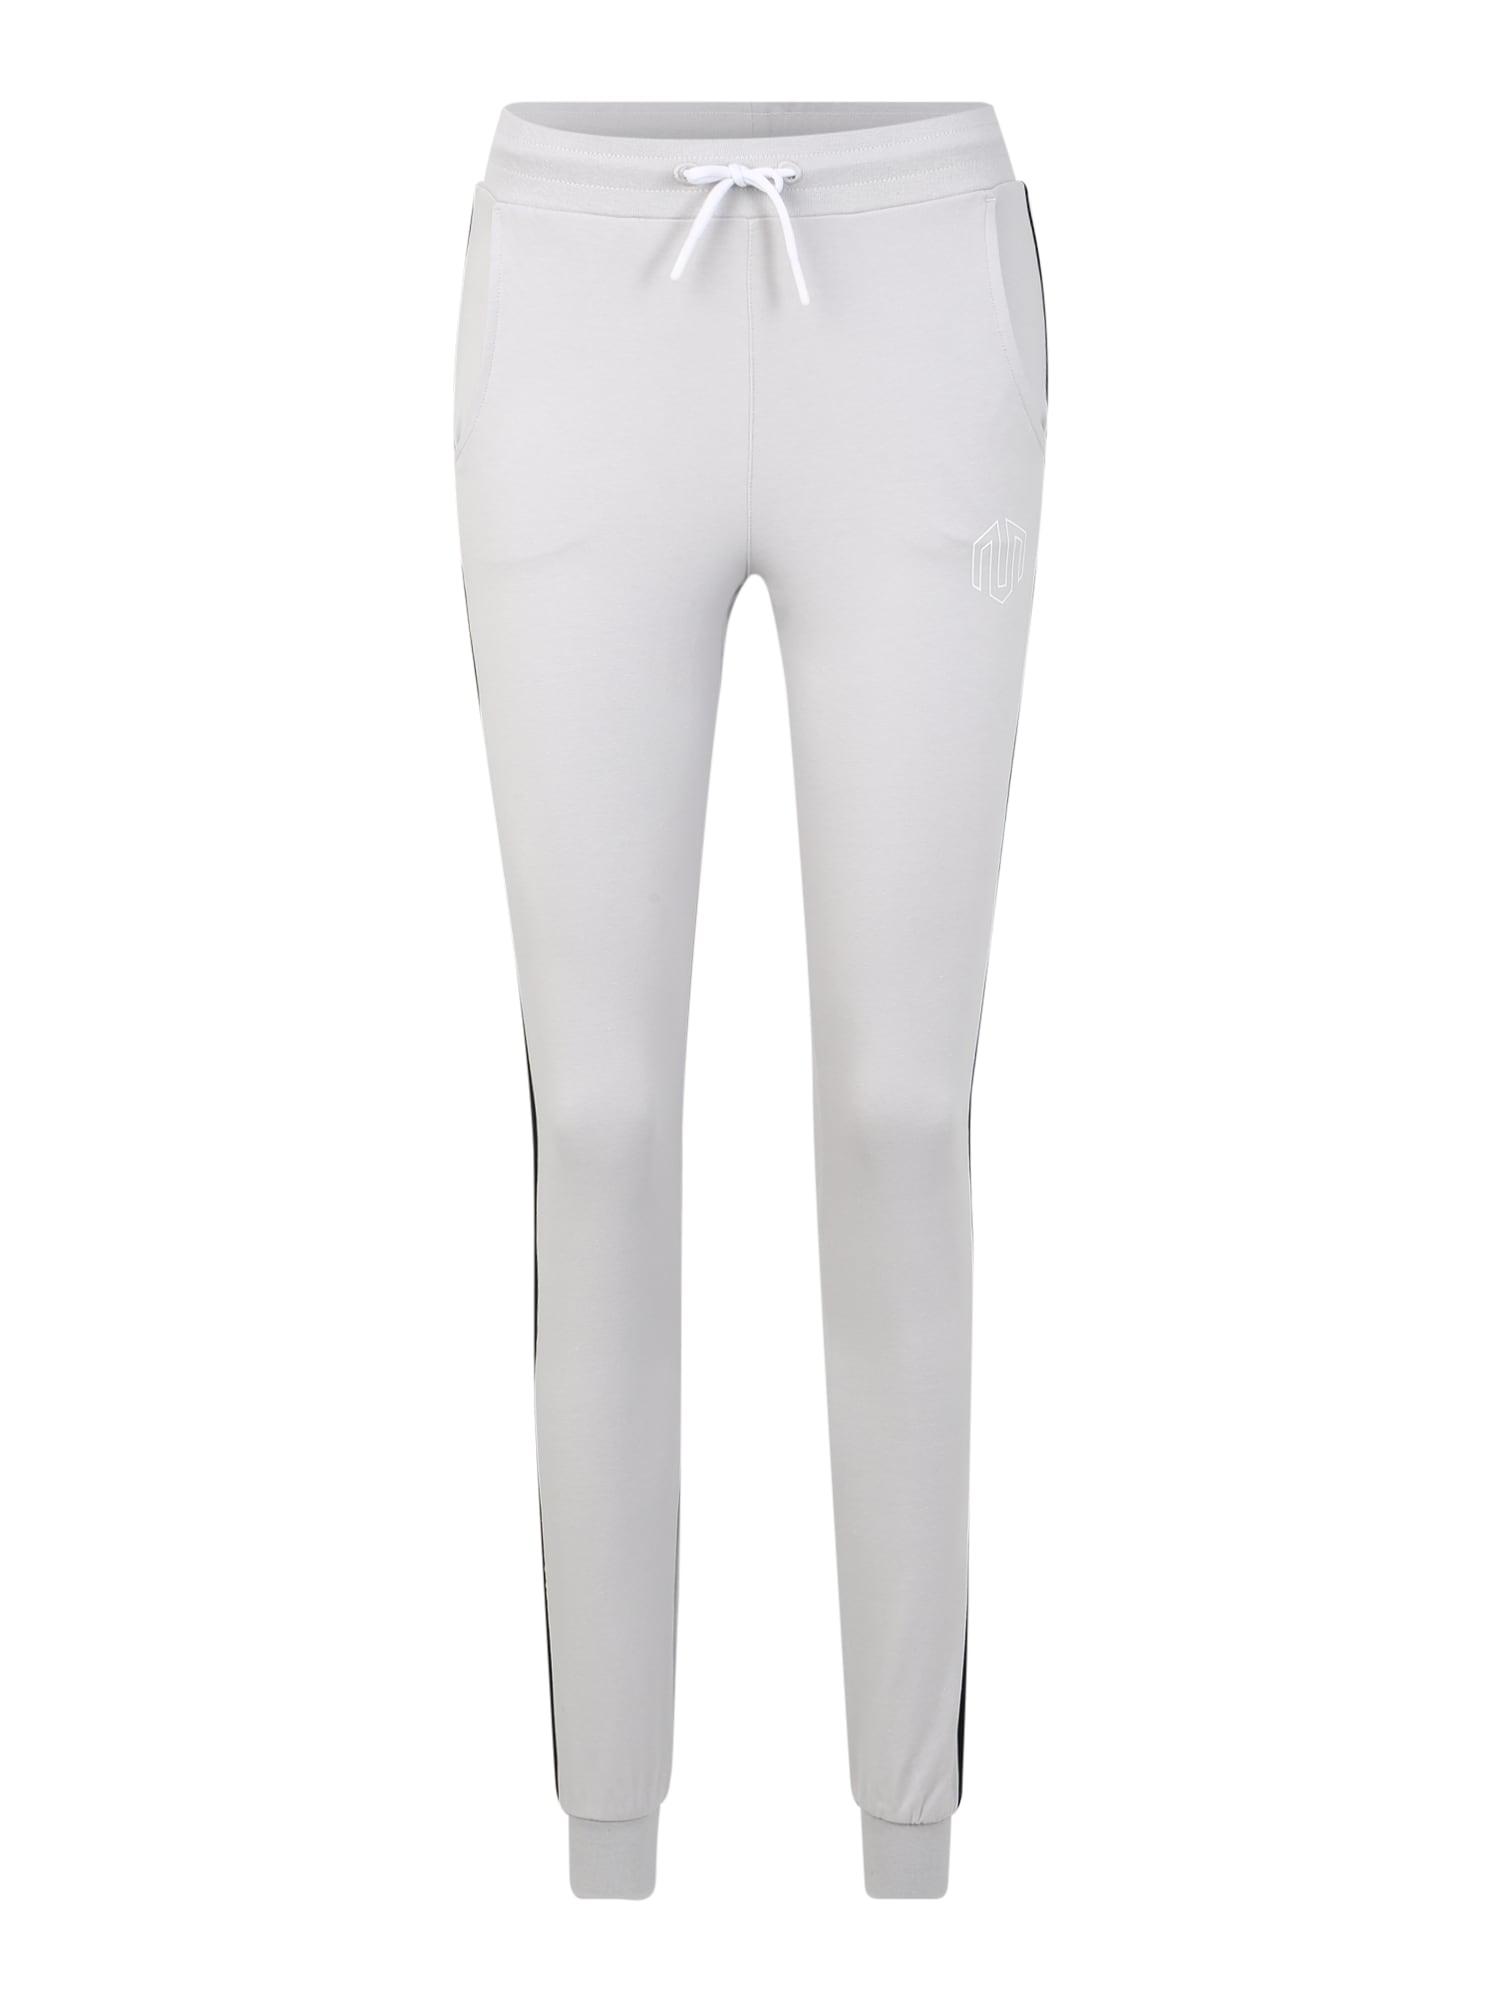 MOROTAI Sportinės kelnės 'Active Dry Jogger' pilka / balta / juoda